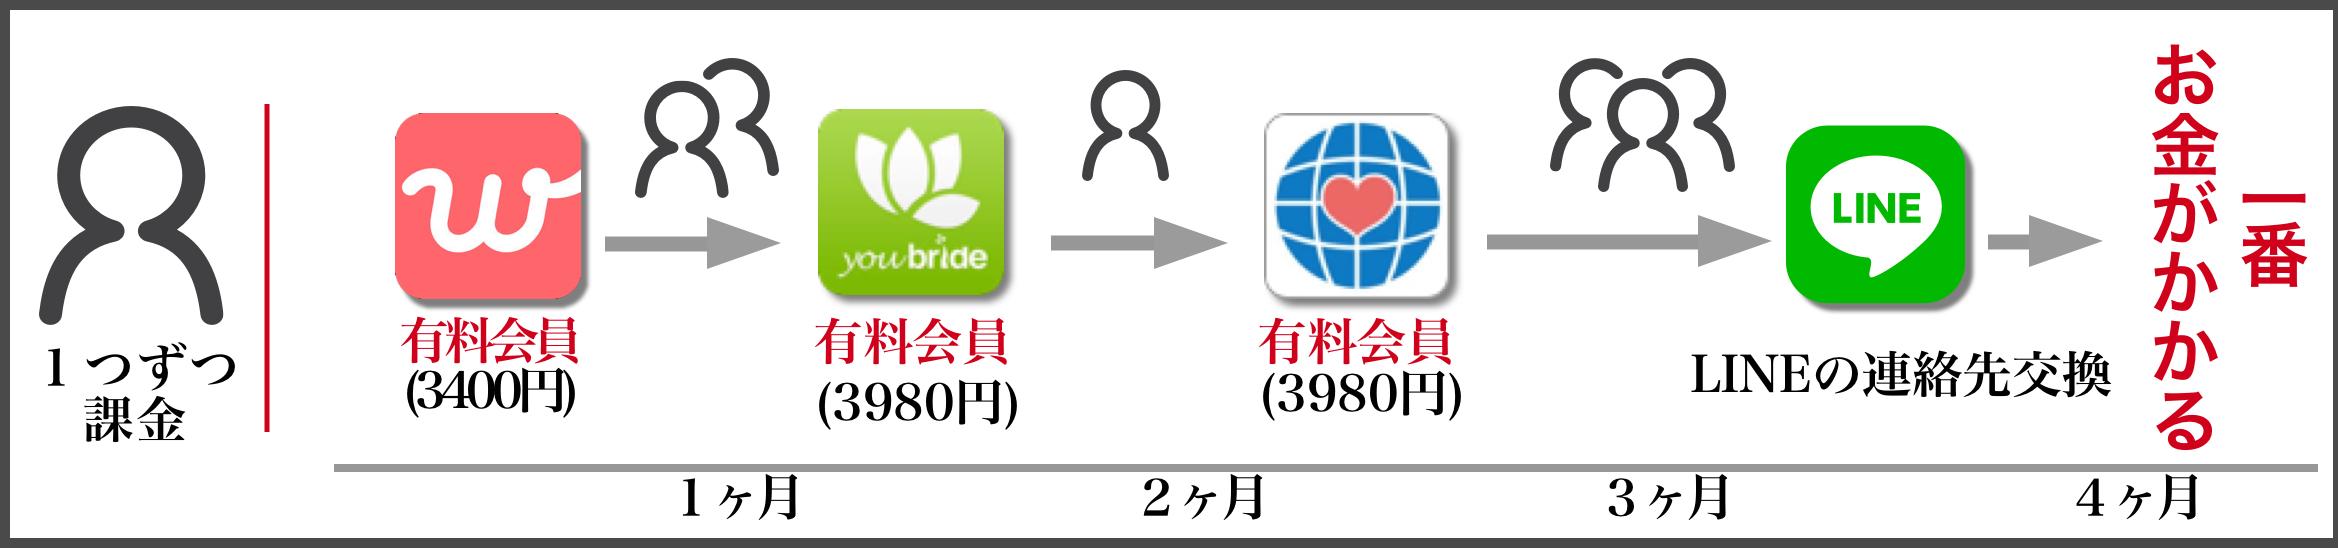 婚活アプリ 婚活サイト